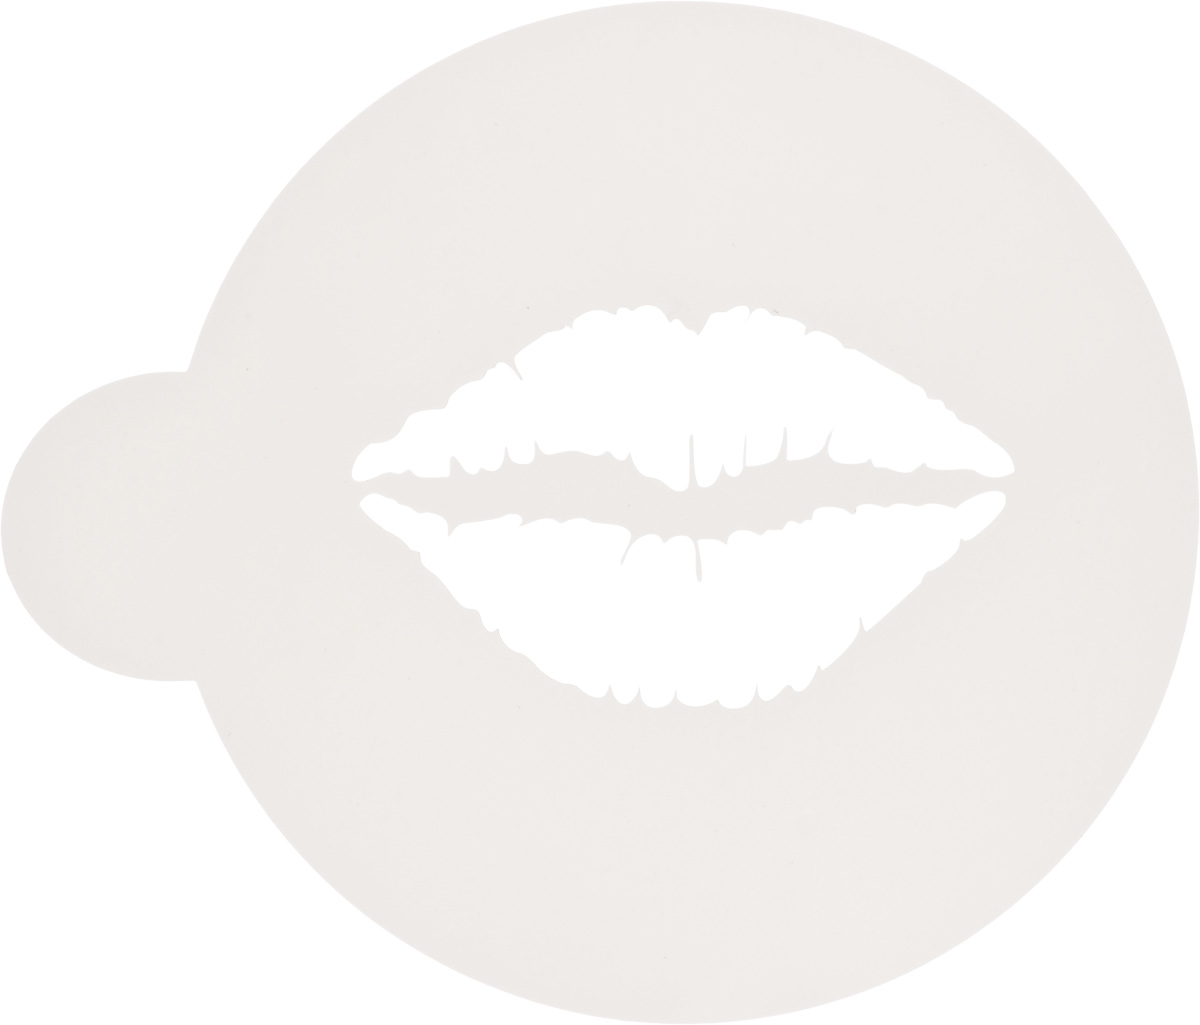 Трафарет на кофе и десерты Леденцовая фабрика Поцелуй, диаметр 10 см54 009305Трафарет представляет собой пластину с прорезями, через которые пищевая краска (сахарная пудра, какао, шоколад, сливки, корица, дробленый орех) наносится на поверхность кофе, молочных коктейлей, десертов. Трафарет изготовлен из матового пищевого пластика 250 мкм и пригоден для контакта с пищевыми продуктами. Трафарет многоразовый. Побалуйте себя и ваших близких красиво оформленным десертом.